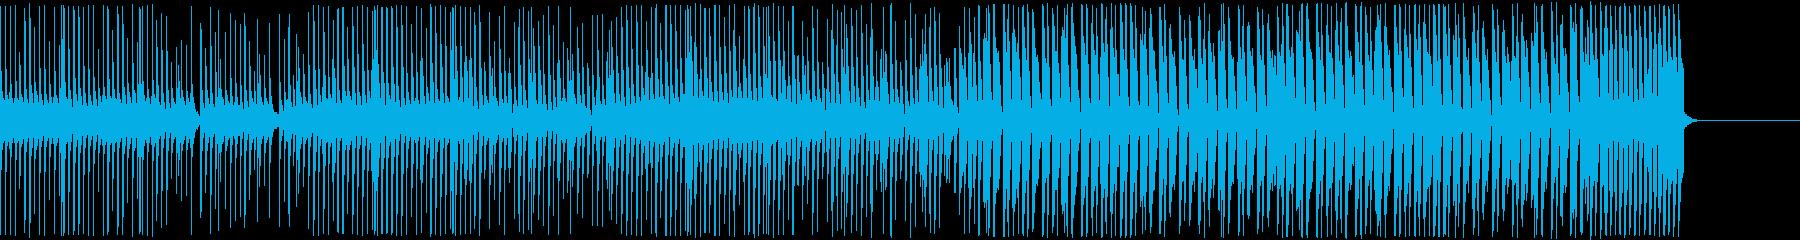 ノリがいい三味線の和風テクノの再生済みの波形